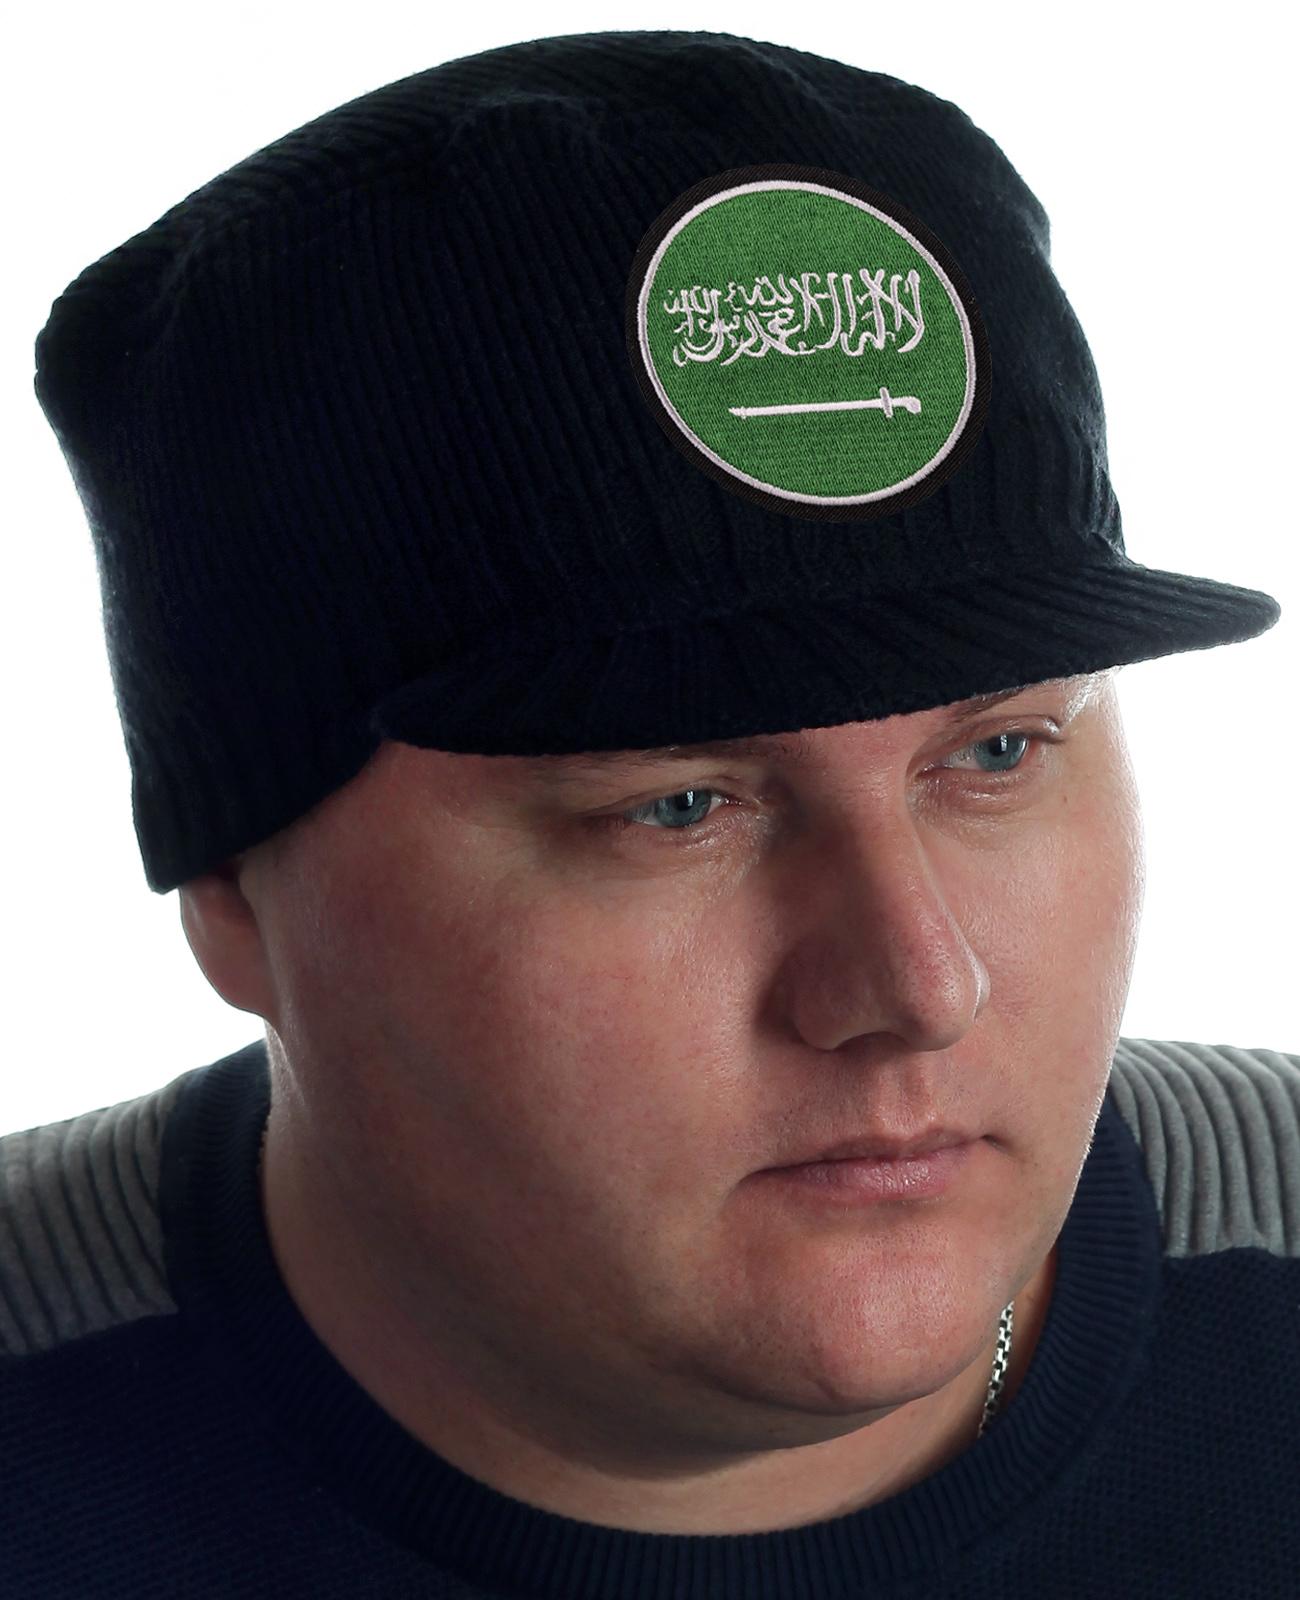 Купить мужскую зимнюю шапку с козырьком. Современный фасон и всегда модный черный цвет